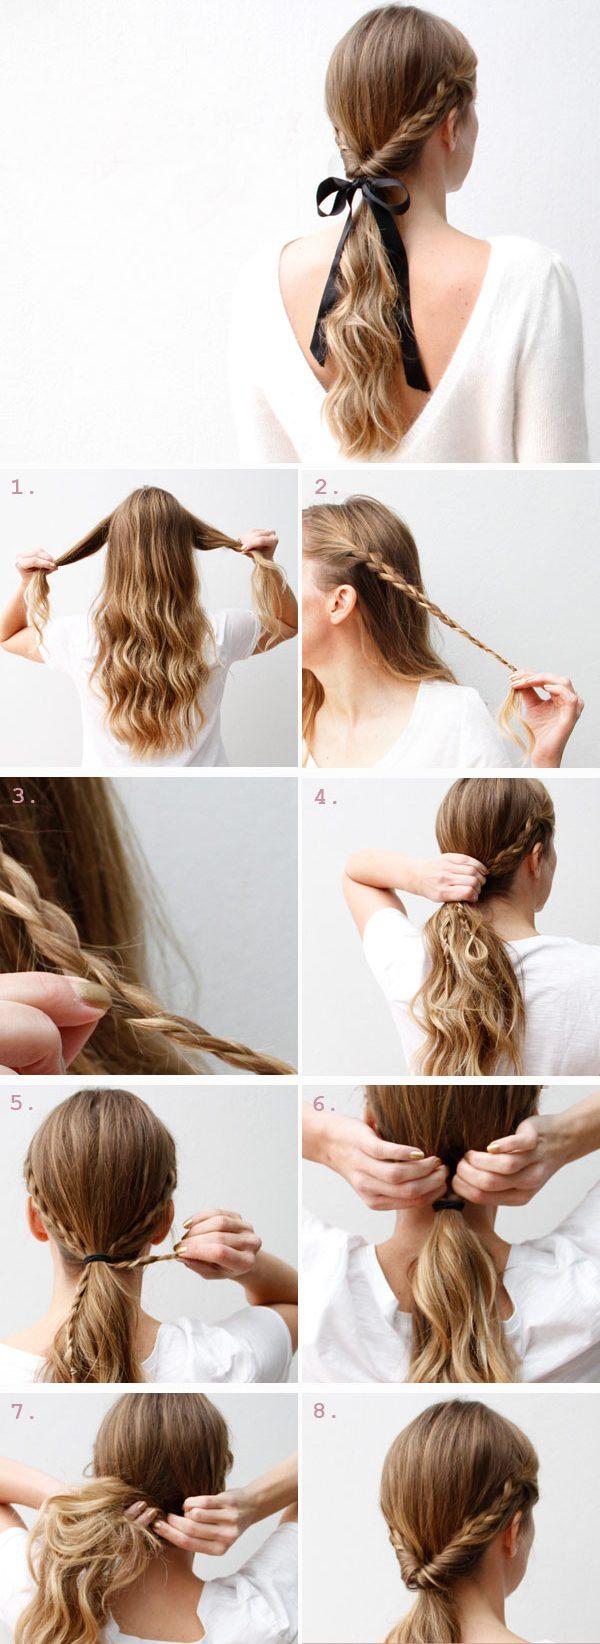 Причёски с жгутами на скорую руку